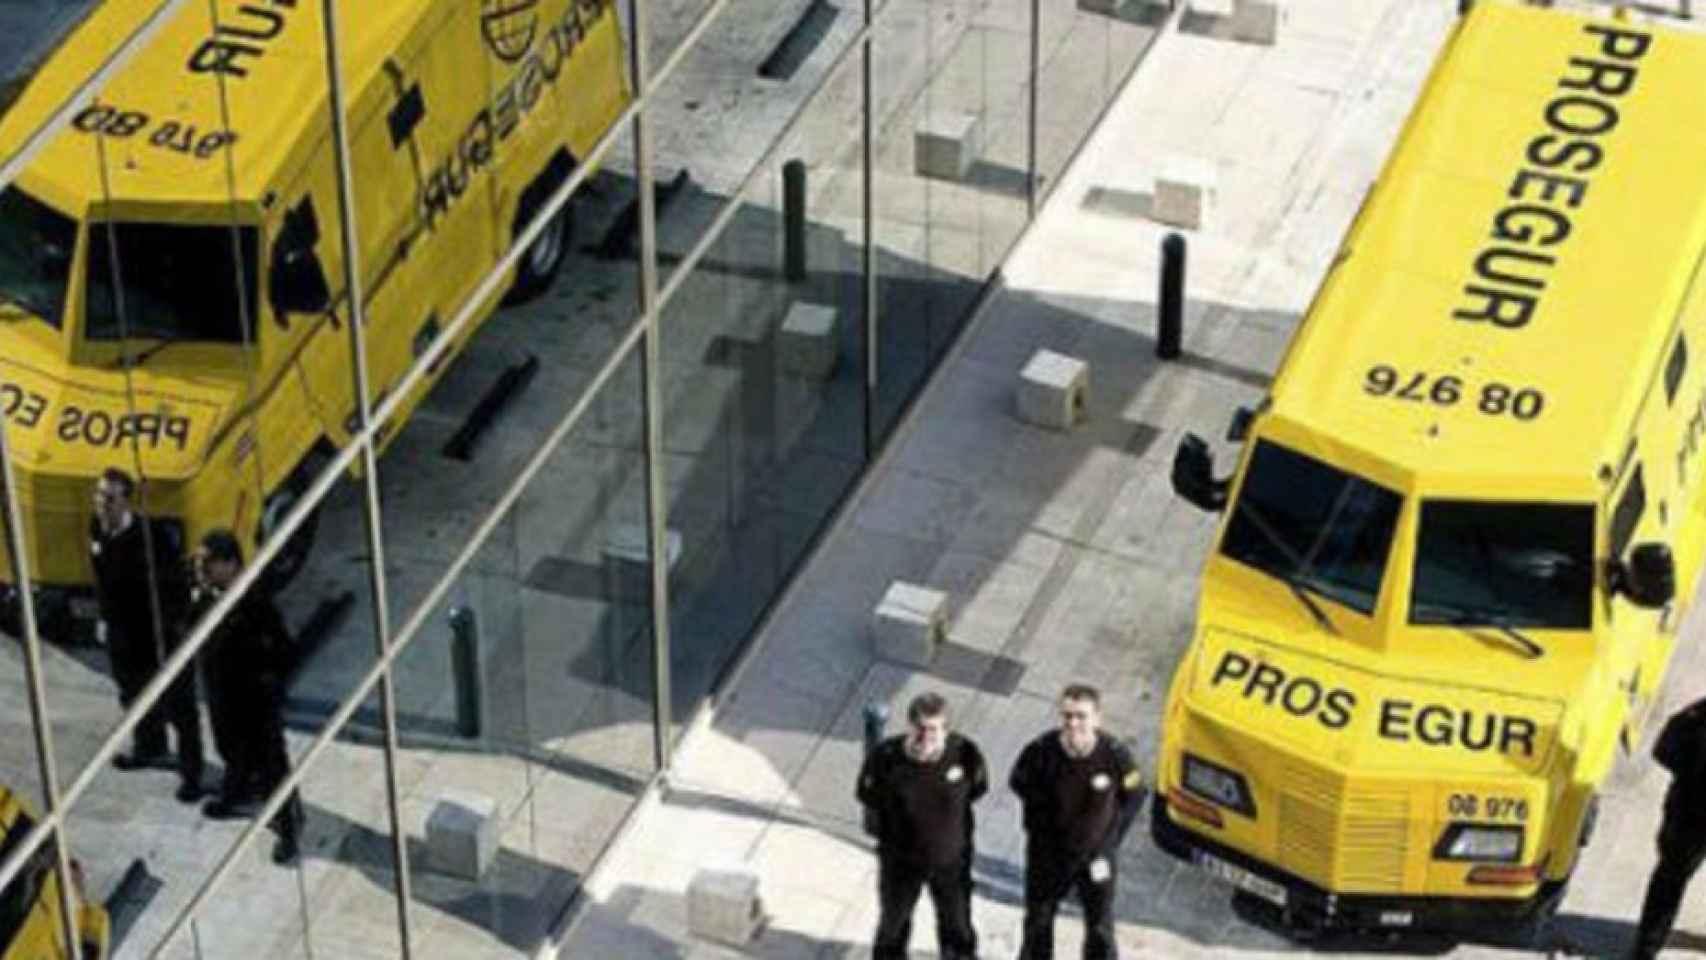 Prosegur repartirá 68 millones de euros en dividendos en cuatro pagos trimestrales